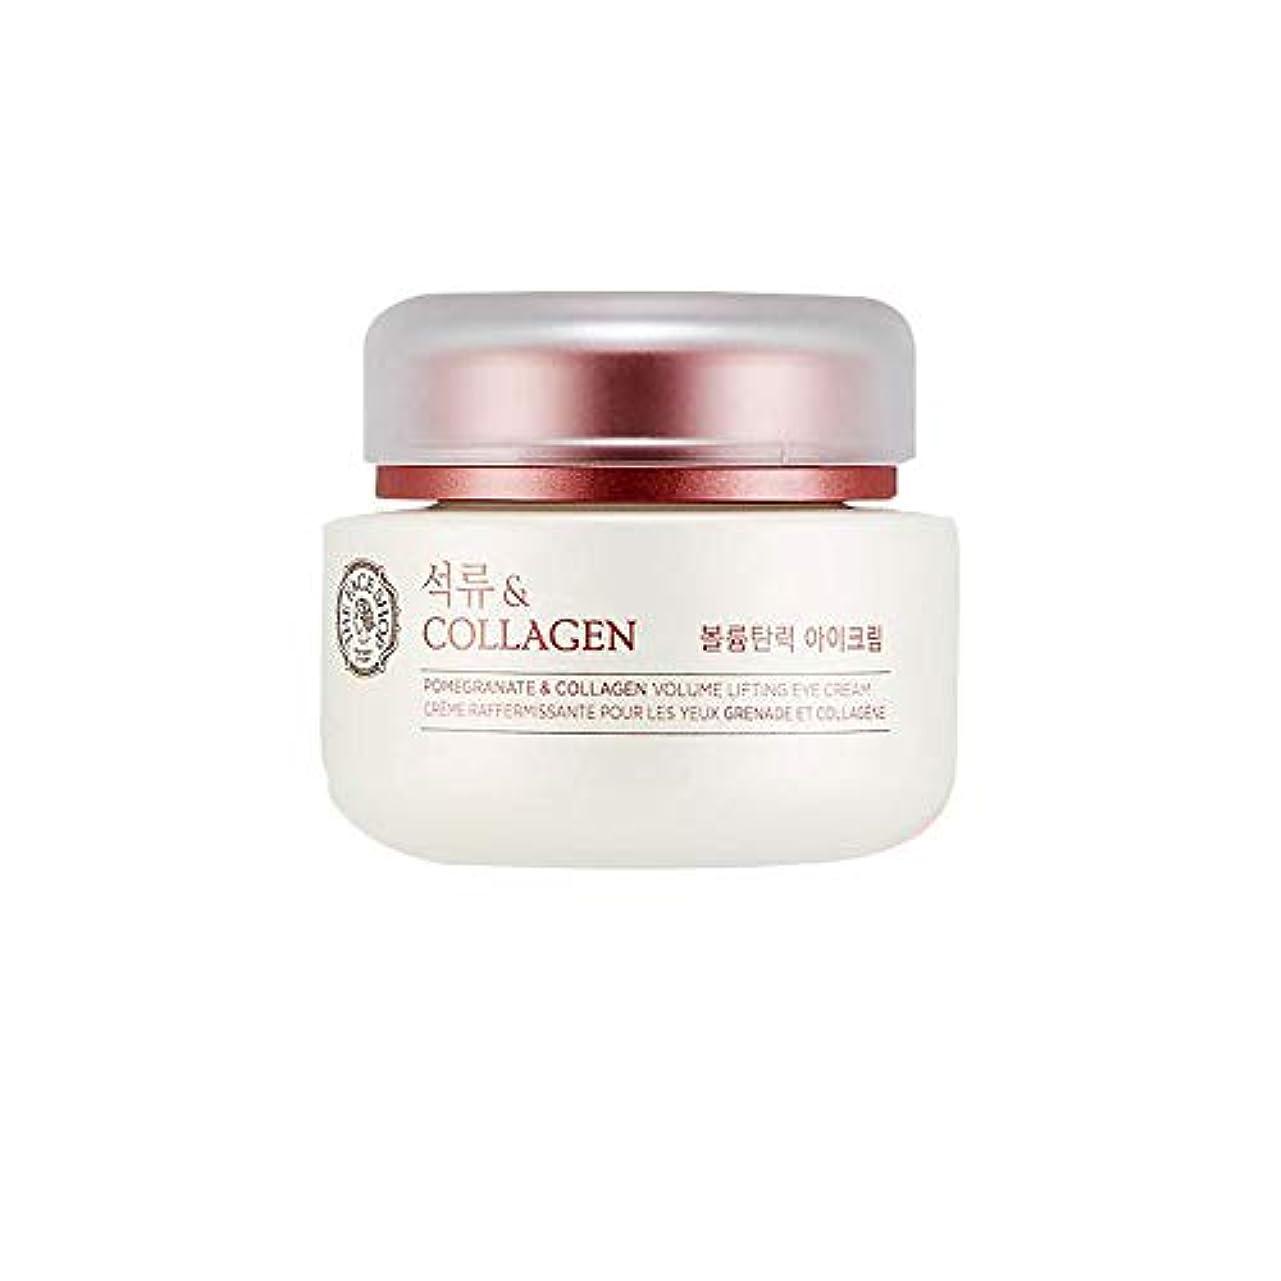 野心プラットフォーム常識[ザ·フェイスショップ]The Face Shop ザクロアンドコラーゲン弾力アイクリーム(50ml) The Face Shop Pomegranate & Collagen Lifting Eye Cream(50ml...